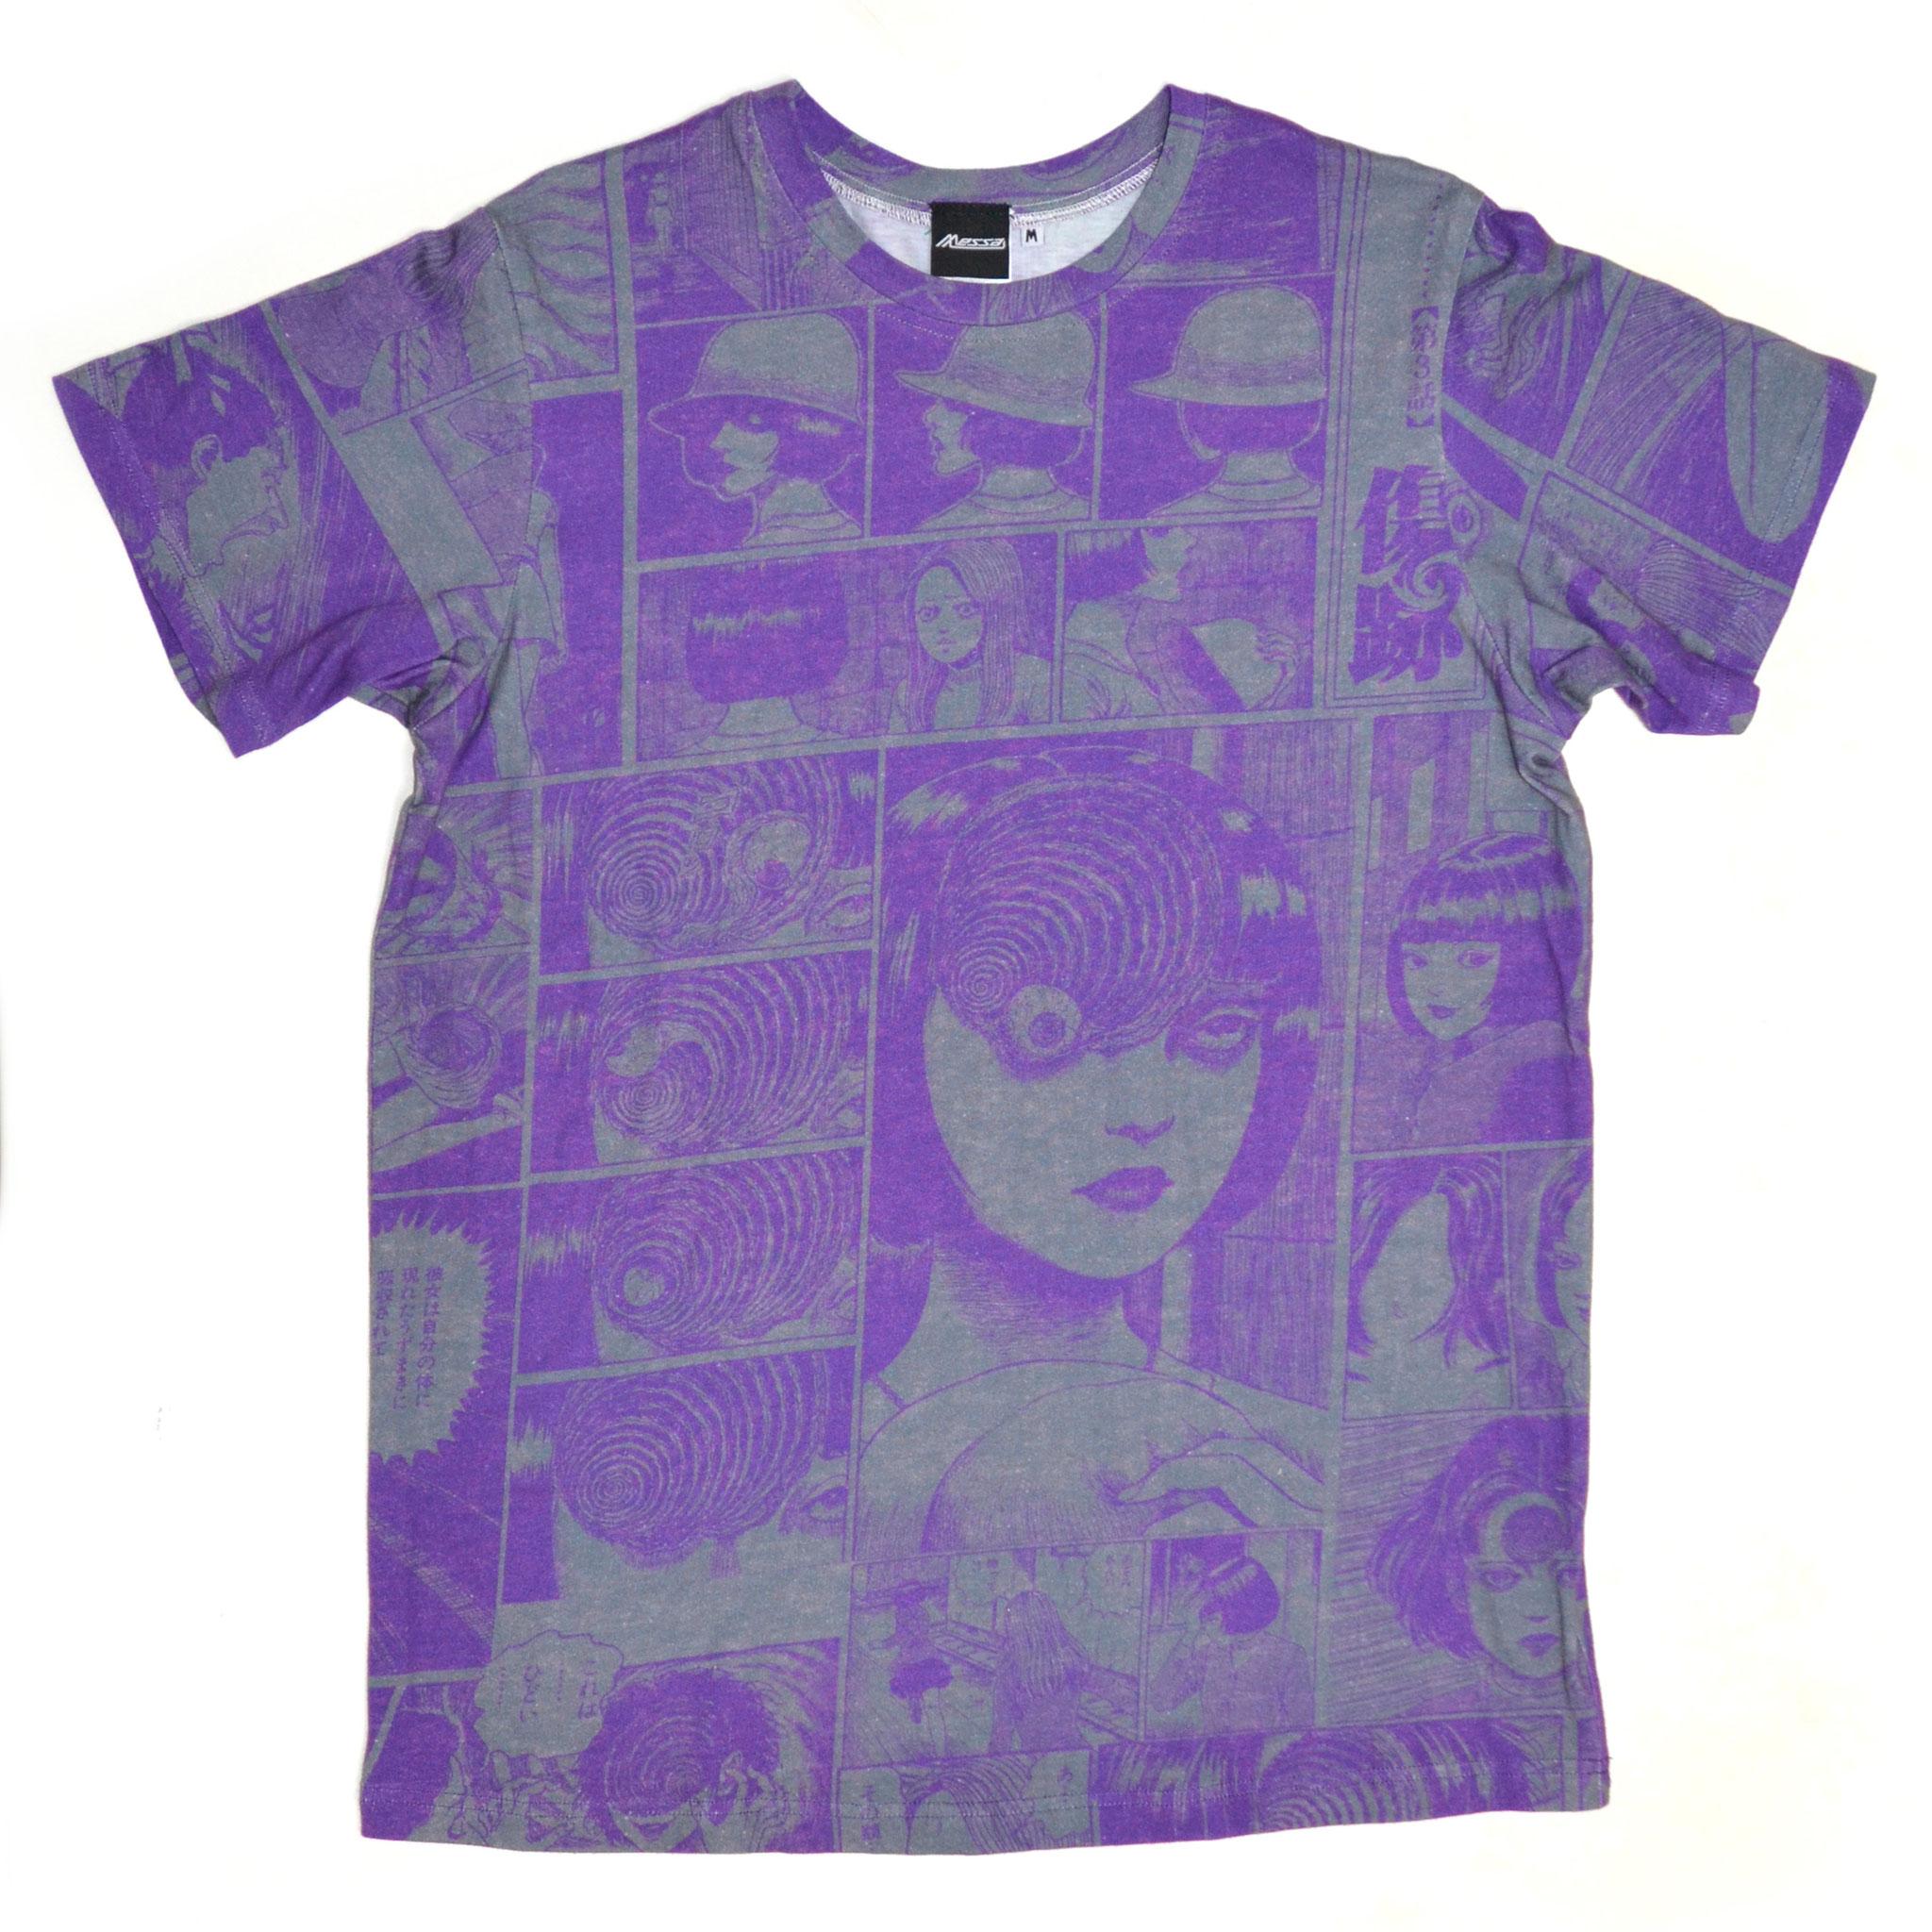 あざみ総柄Tシャツ-P- (PURPLE×GRAY) 前面